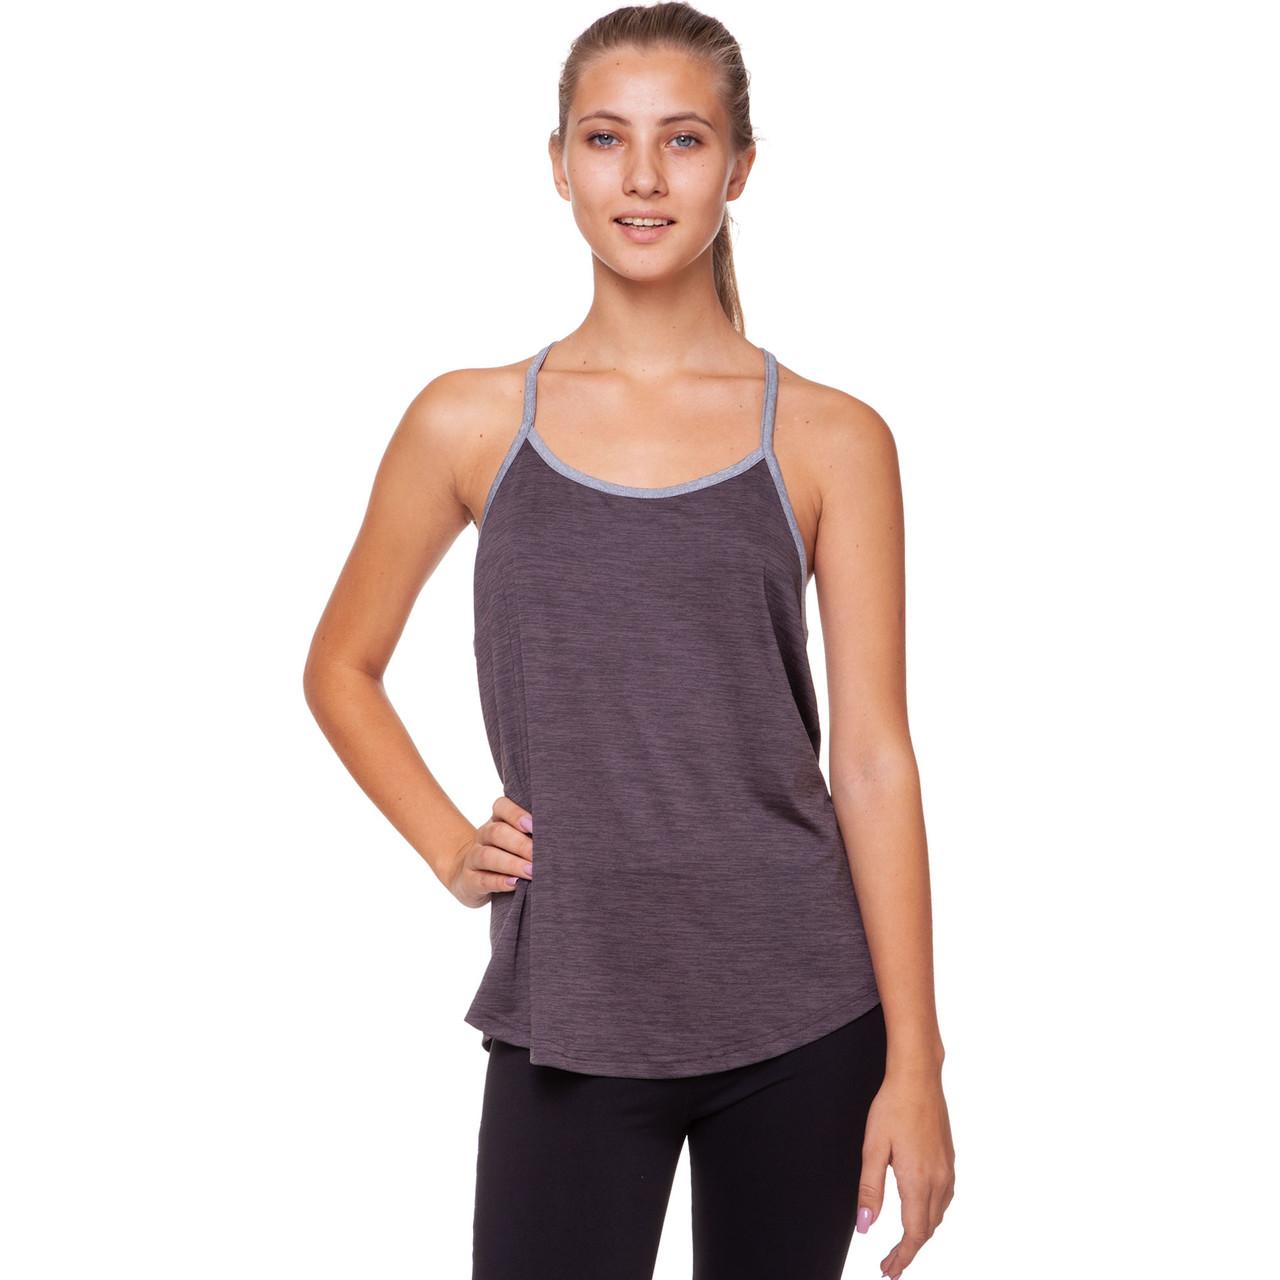 Майка для фитнеса и йоги Domino Sport размер M-42-48 Черный M (42-48) PZ-CO-1802_1